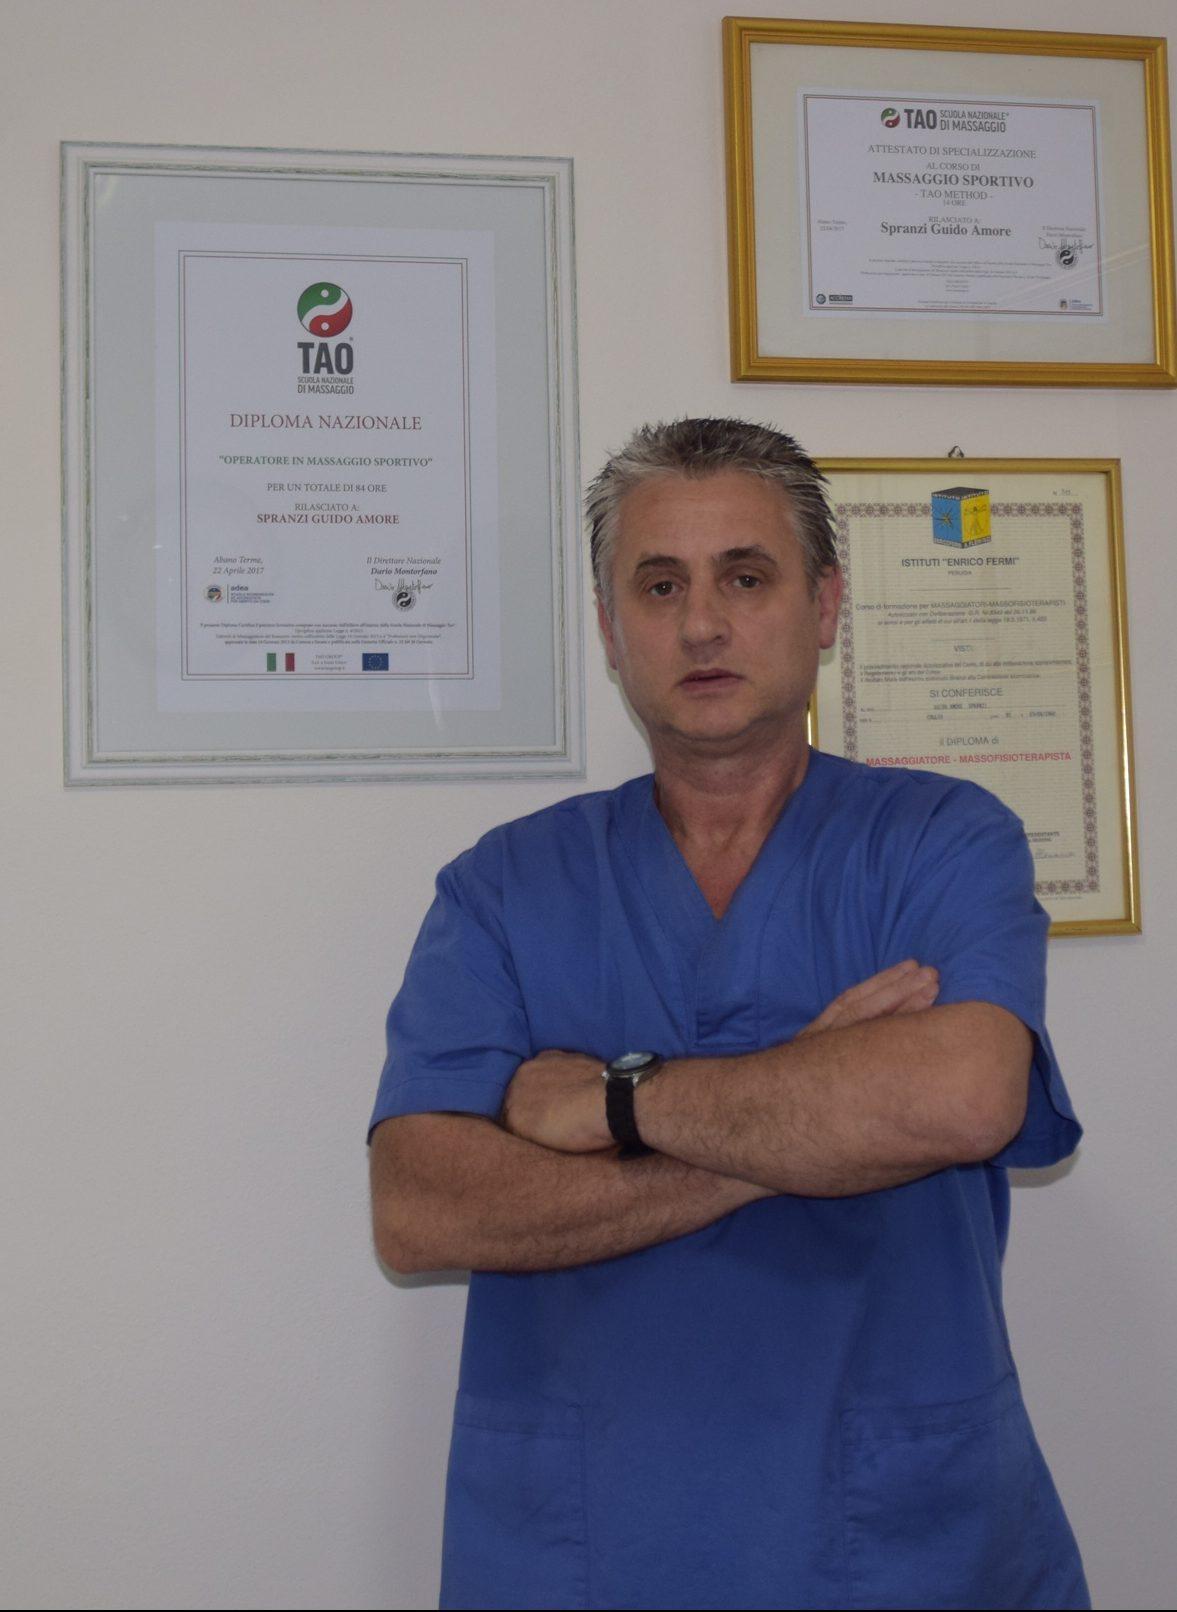 Guido Amore Spranzi